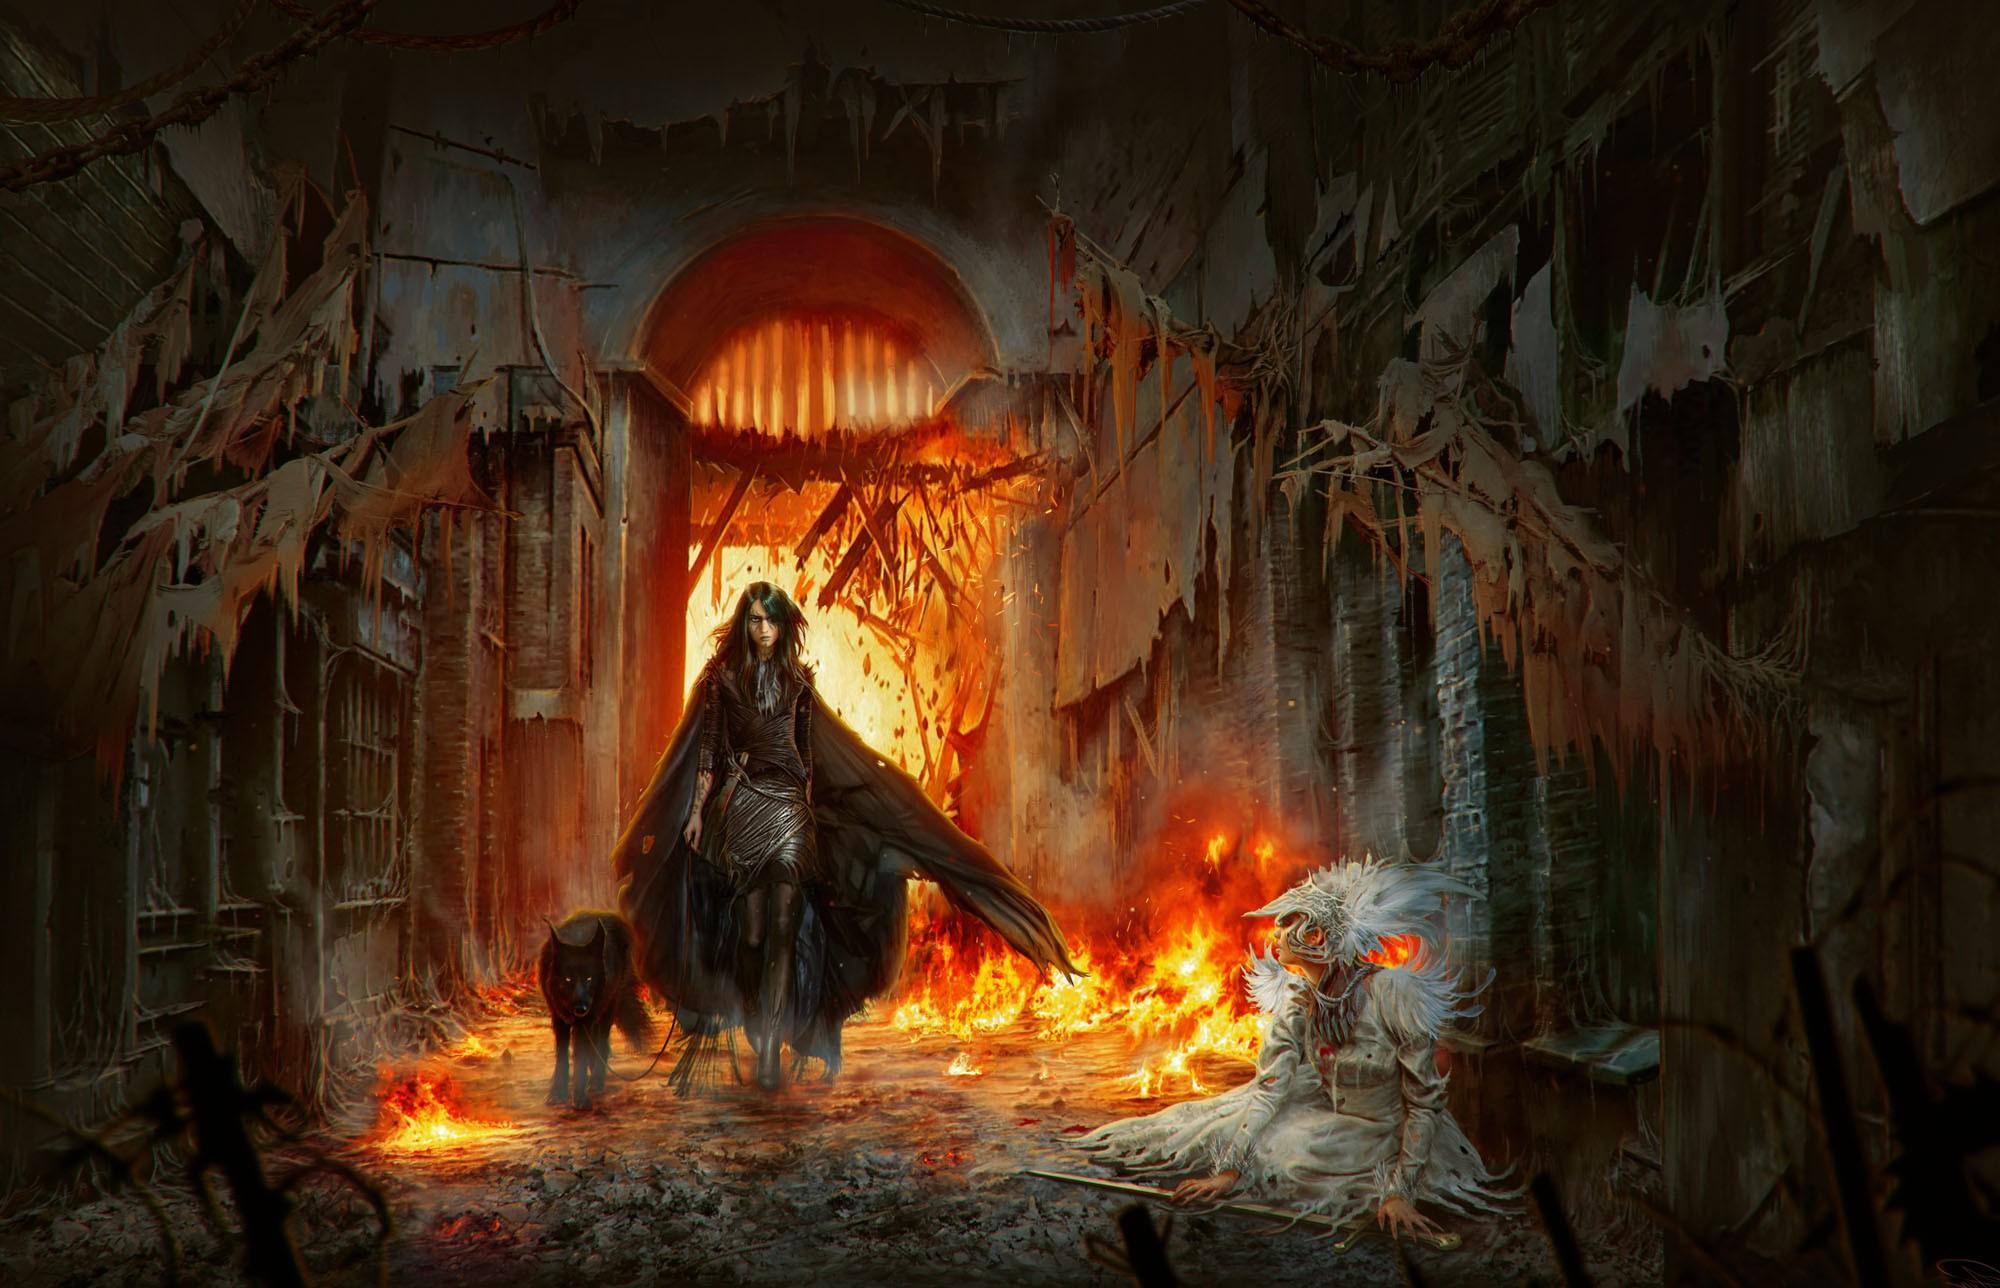 Wallpaper 2000x1288 Px Deviantart Fantasy Art Fire